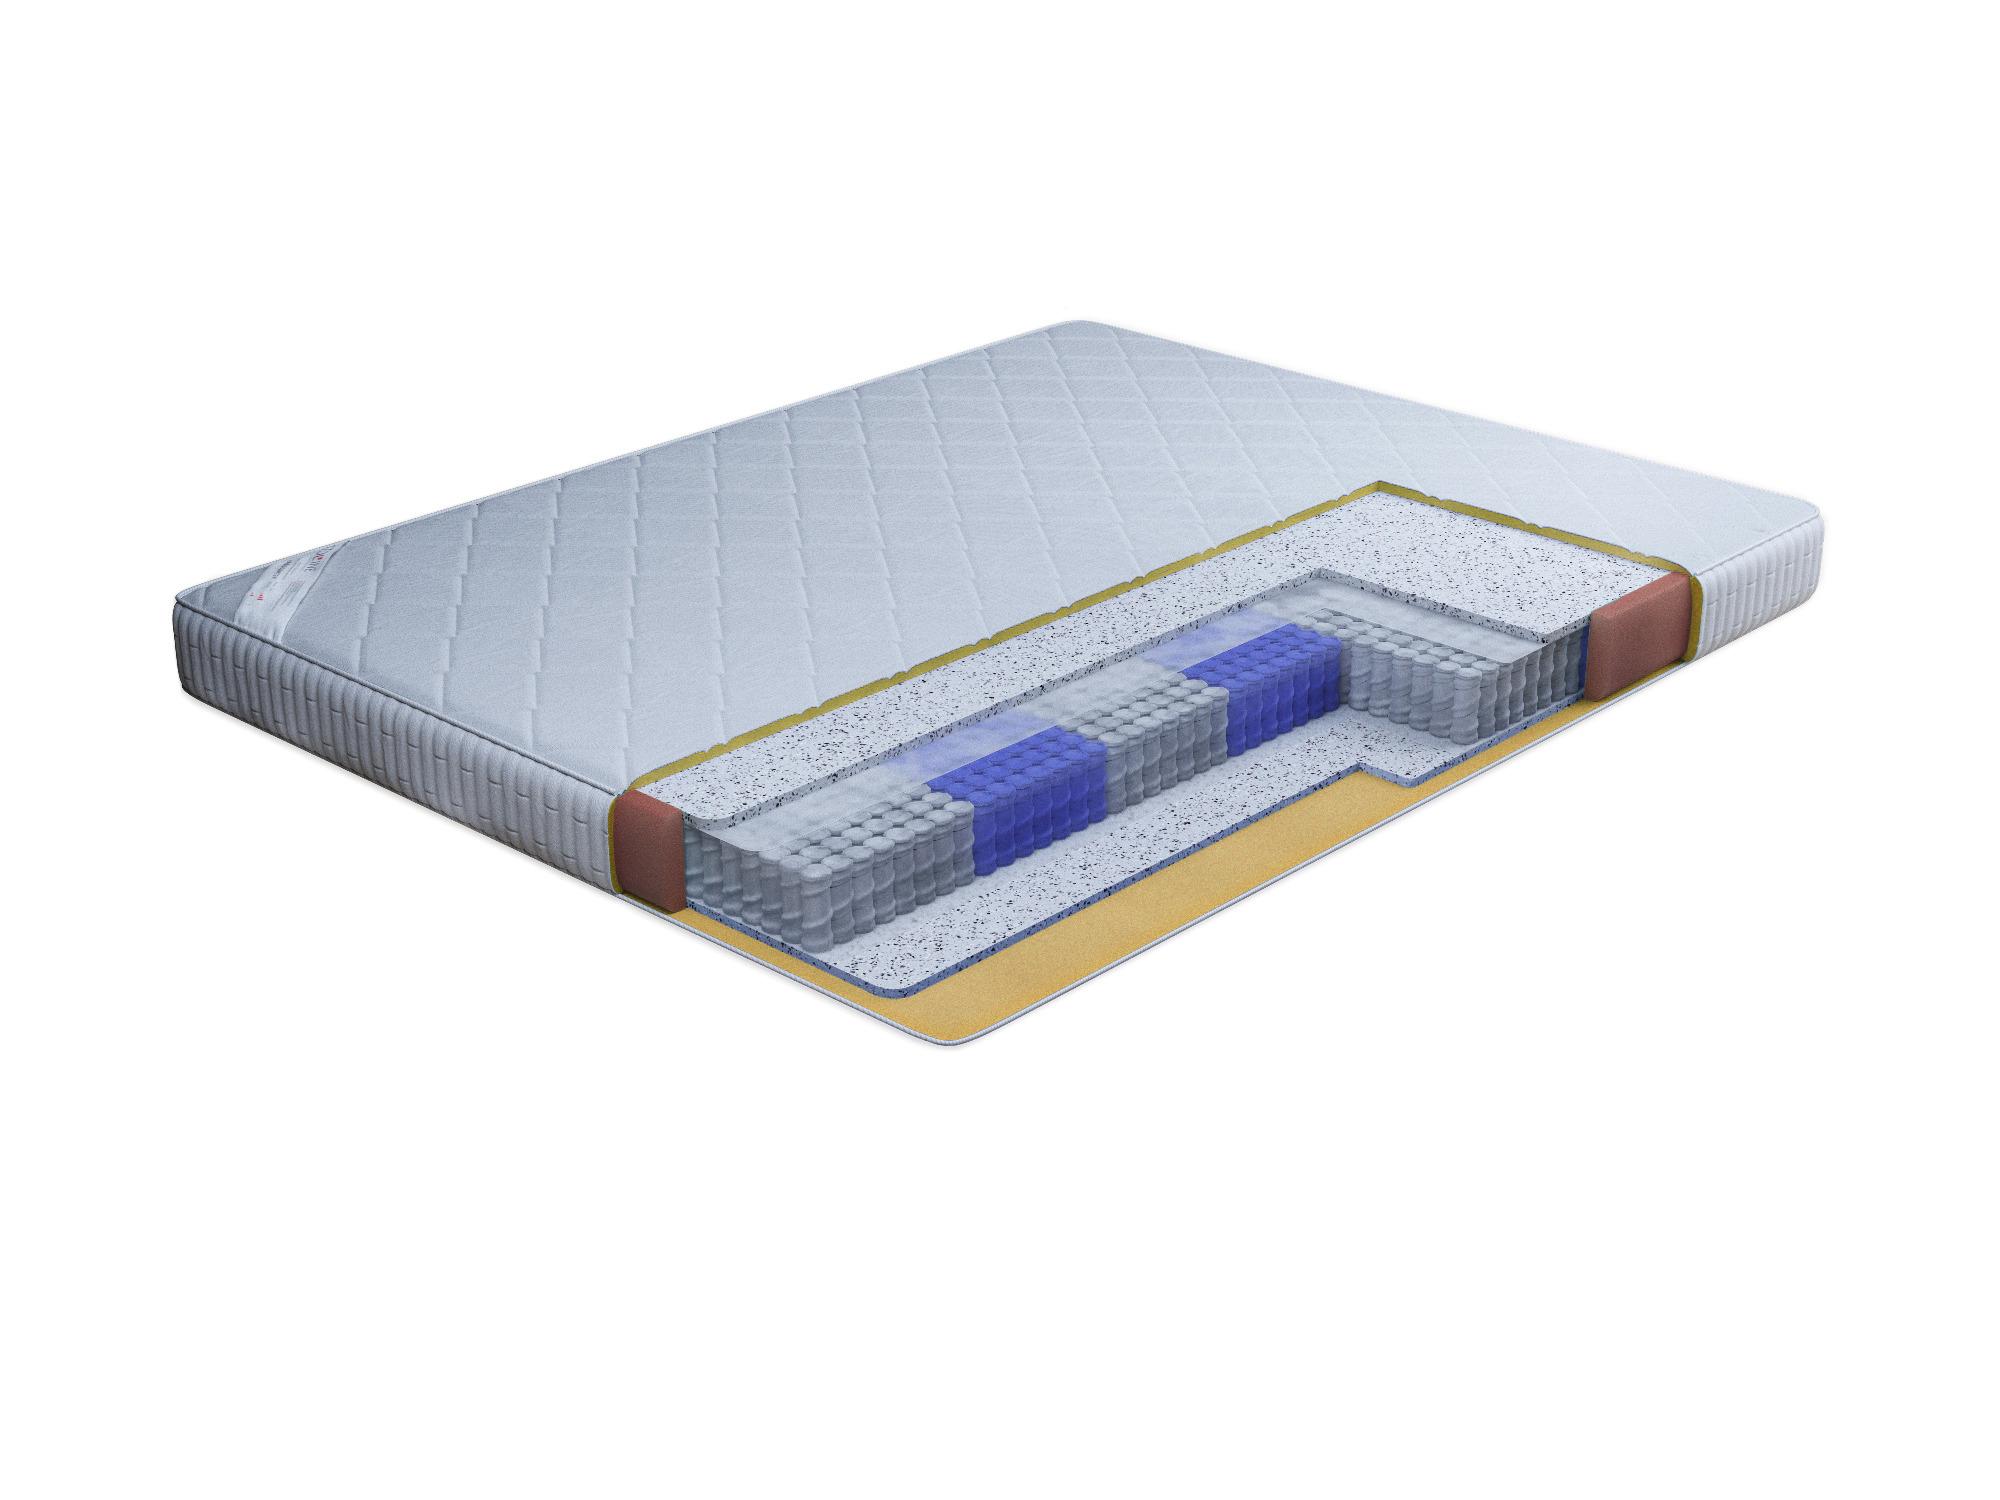 Матрас Престиж-Орлеан 900*2000Мебель для спальни<br>Матрас высокого уровня комфорта на основе блока независимых пружинPocketspring. В качестве наполнителя используется струттофайбер с кокосовым волокном. Это объемный нетканый материал. Характеризуется высокими теплозащитными свойствами, отличной восстанавливаемостью после сжатия, хорошей воздухопроницаемостью, антиаллергенностью. Придает матрасу мягкость. Изготавливается исключительно из первосортных полиэфирных волокон, без применения клея или дополнительной пропитки.Чехол стеганный на синтепоне из хлопкового жаккарда. Матрас  Престиж - Орлеан  средней жесткости подойдет большинству здоровых людей в возрасте от 25 до 50 лет и ведущих активный образ жизни. Максимальная нагрузка на 1 спальное место 100кг. &#13;Высота: 18-20; &#13;Периметр: пенополиуретан; &#13;Основа: блок независимых пружин (Pocket spring); &#13;Чехол: жаккард хлопковый, стеганный на синтепоне; &#13;Наполнитель: струттофайбер с кокосовым волокном; &#13;Макс. нагрузка на 1 спальное место: до 100 кг.<br><br>Длина мм: 900<br>Высота мм: 180<br>Глубина мм: 2000<br>Длина матраса: 2000<br>Ширина матраса: 900<br>Высота матраса: 200<br>Жесткость матраса: Средняя<br>Тип матраса: блок независимых пружин